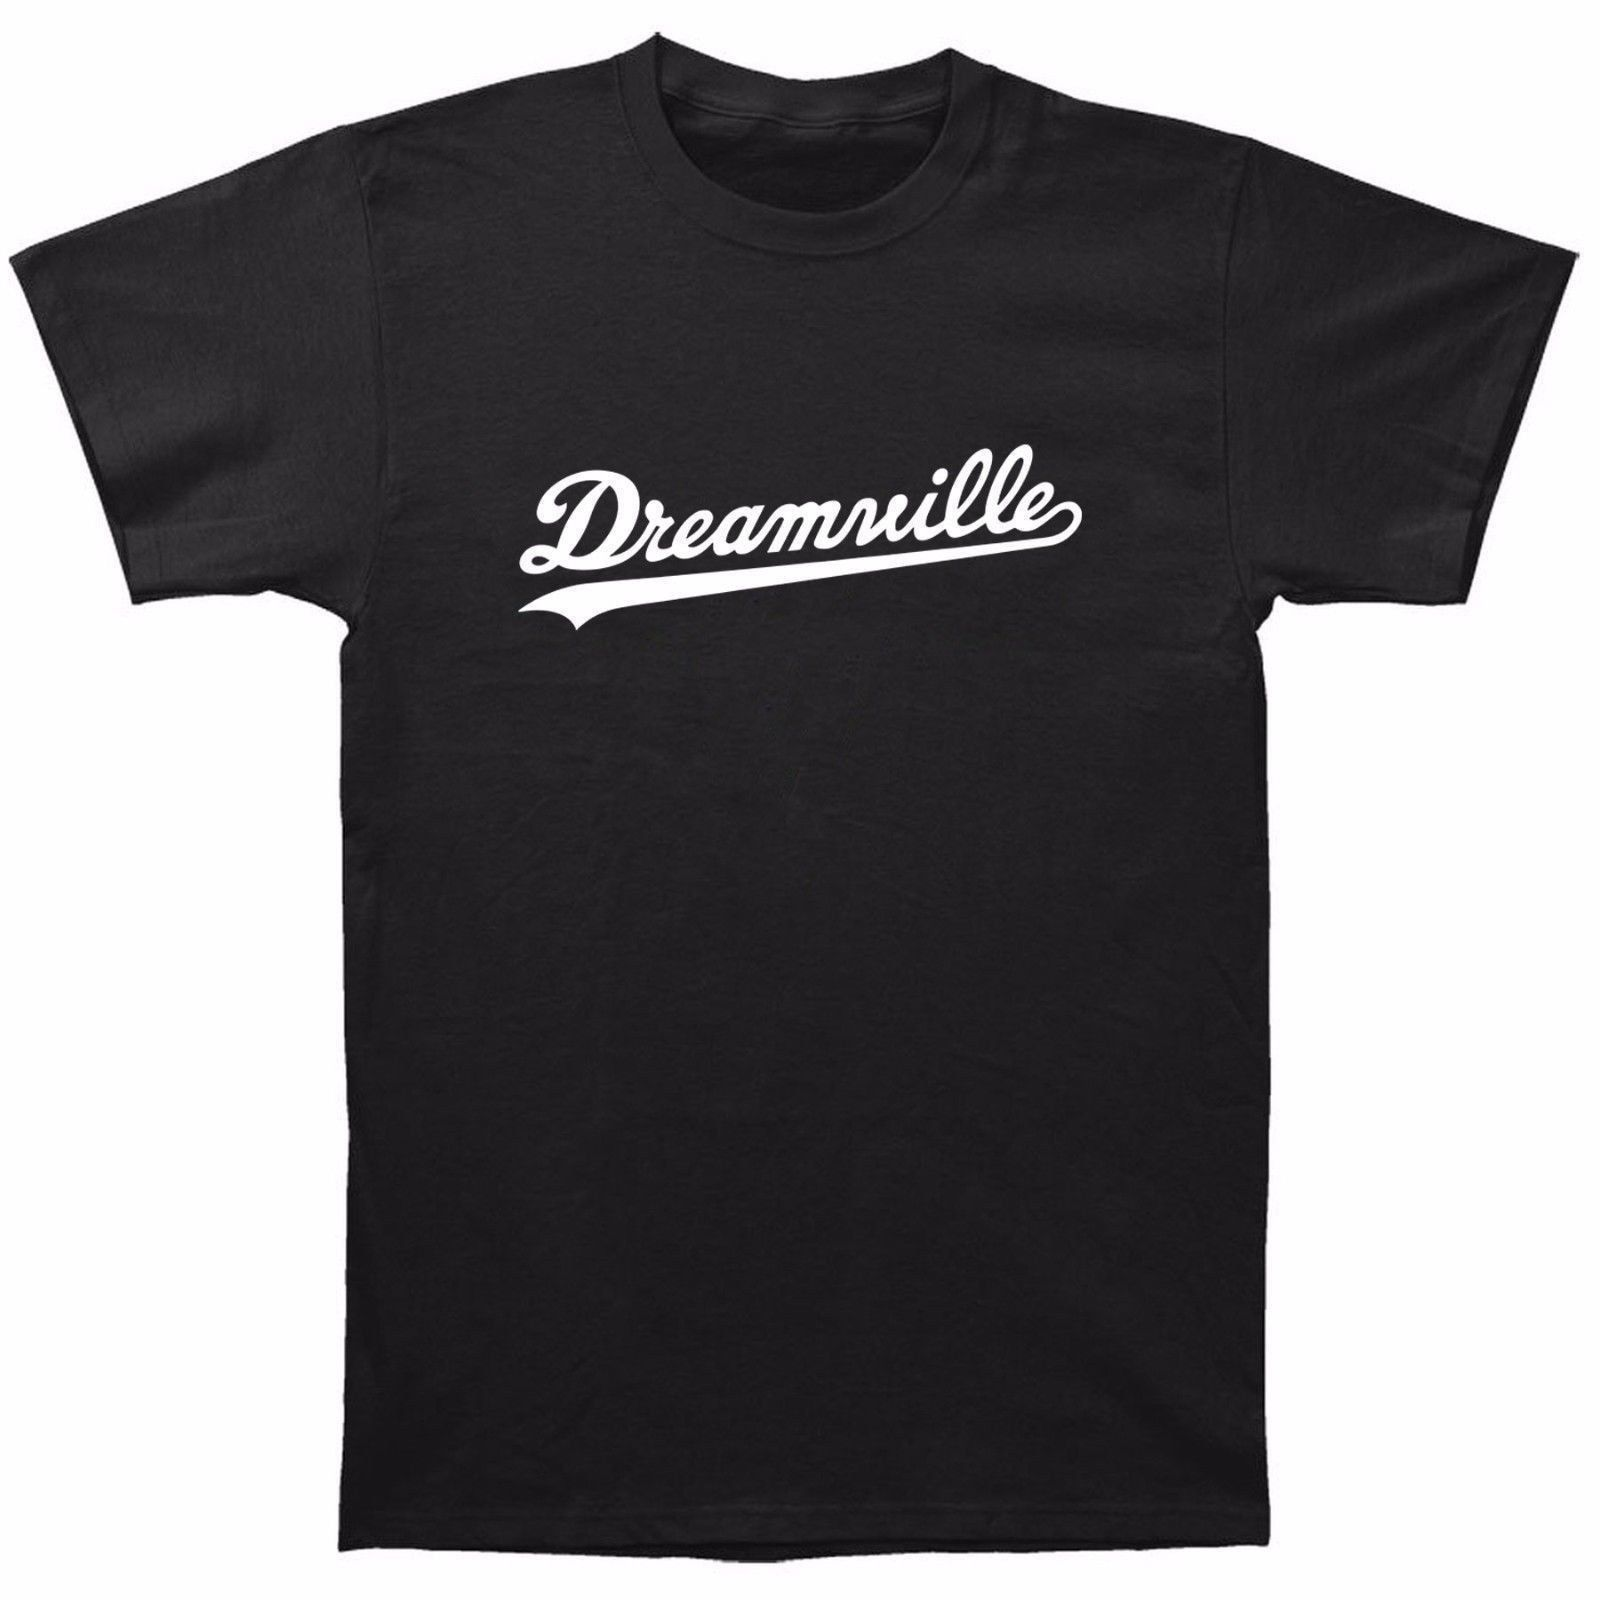 Dreamville J Cole Nascido Pecador 4 Seu Eyez Apenas T Camisa Solta Camisetas de Algodão Para Homens Esfriar Tops T-Shirt Kawaii